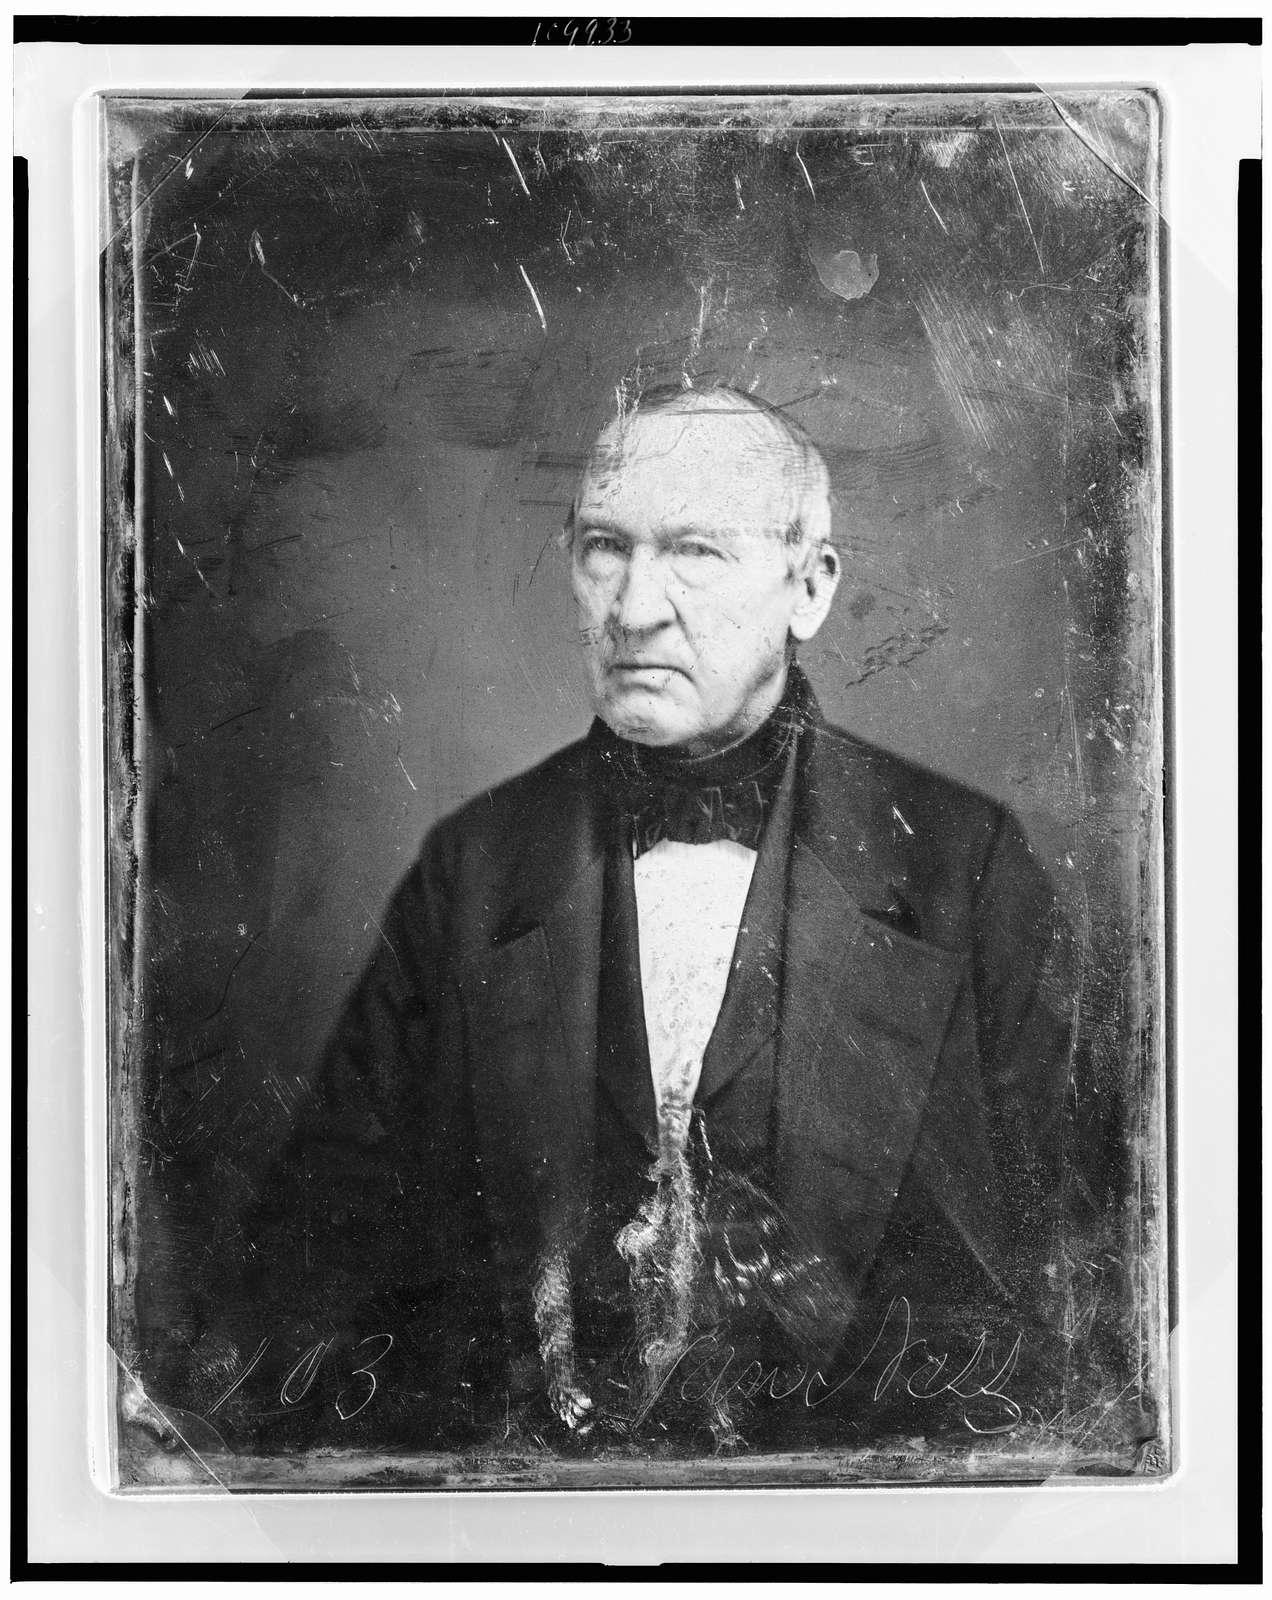 [John Peter Van Ness, head-and-shoulders portrait, facing front]